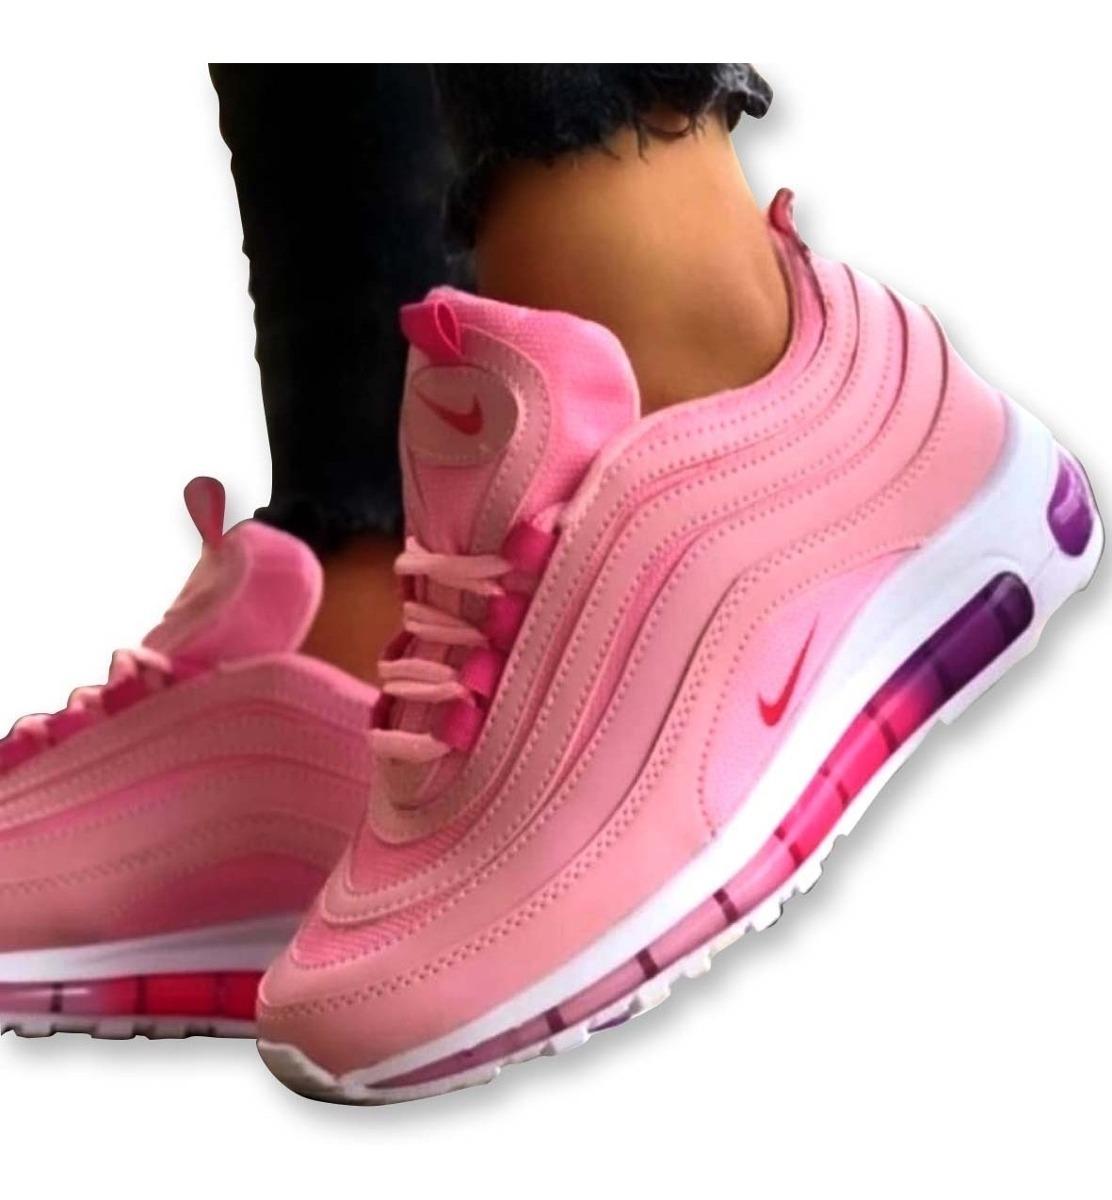 Zapatos Nike Air Max 97 Dama Deportivos Colombianos